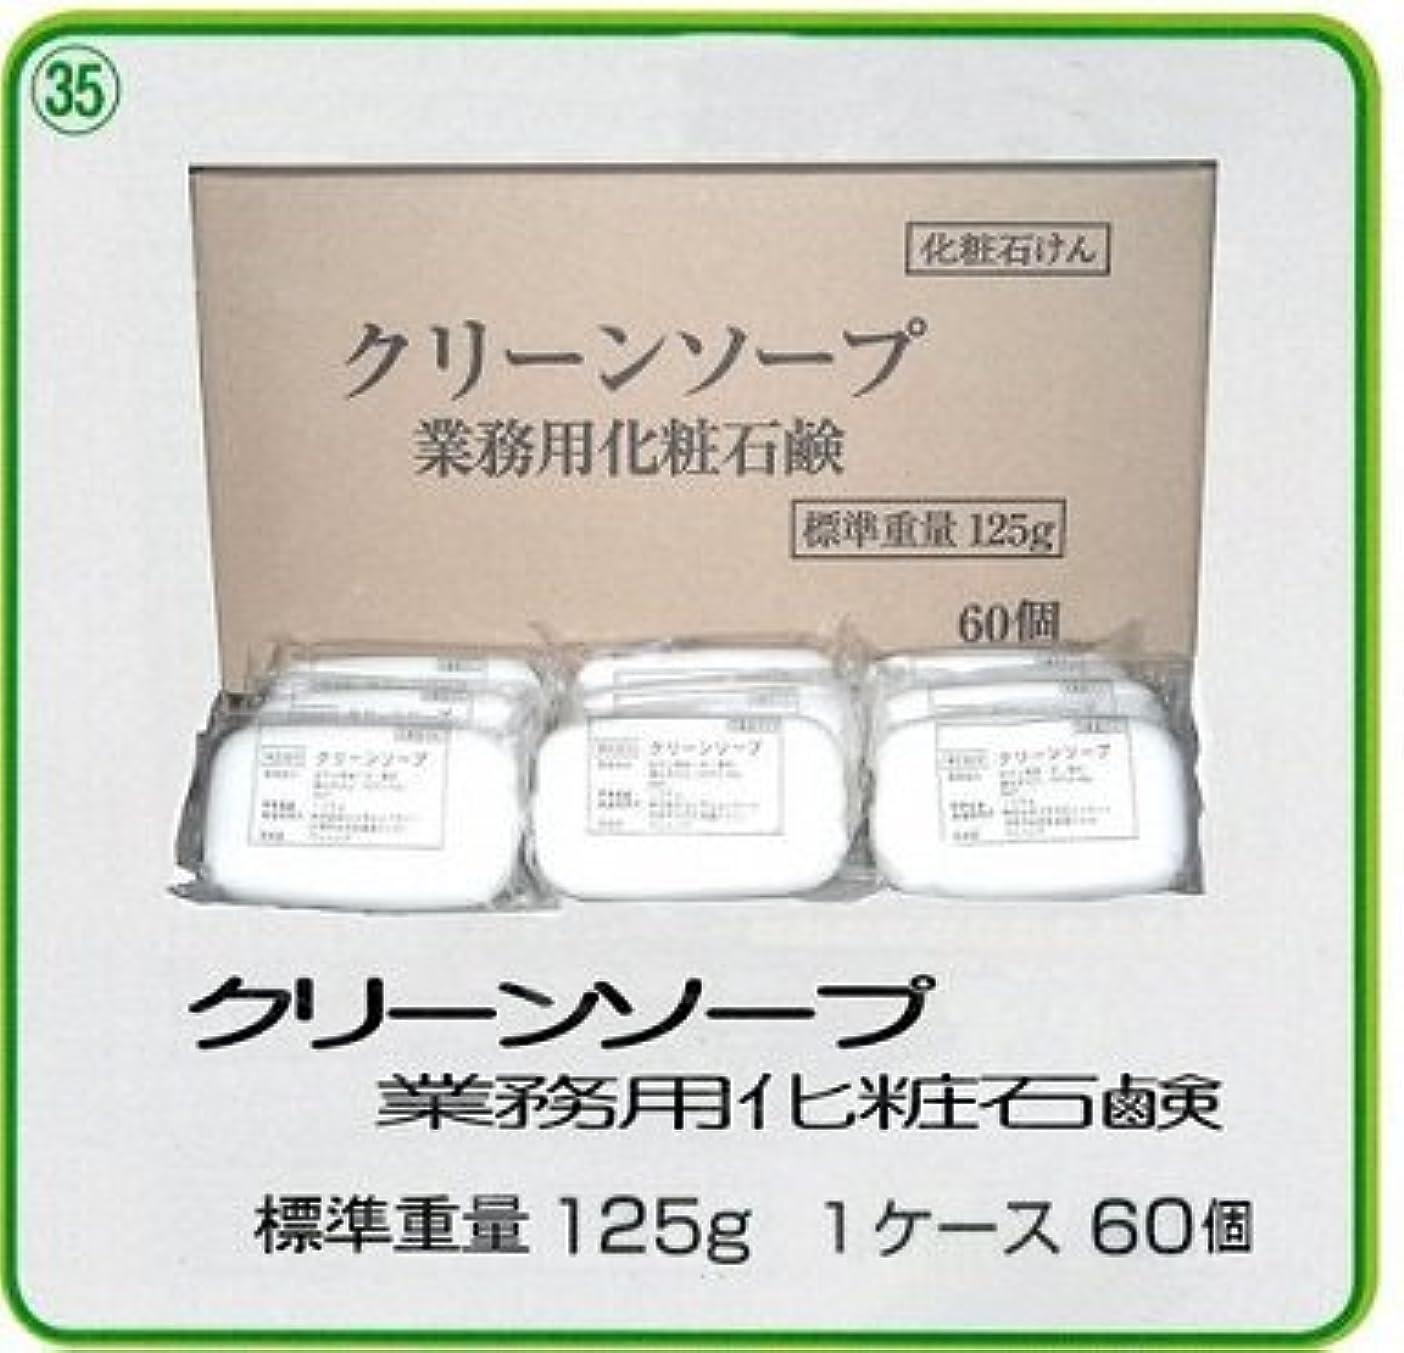 ウイルスクレジットデータム業務用化粧石鹸 クリーンソープ1個125g/1箱60個入(品番7014)富士化成